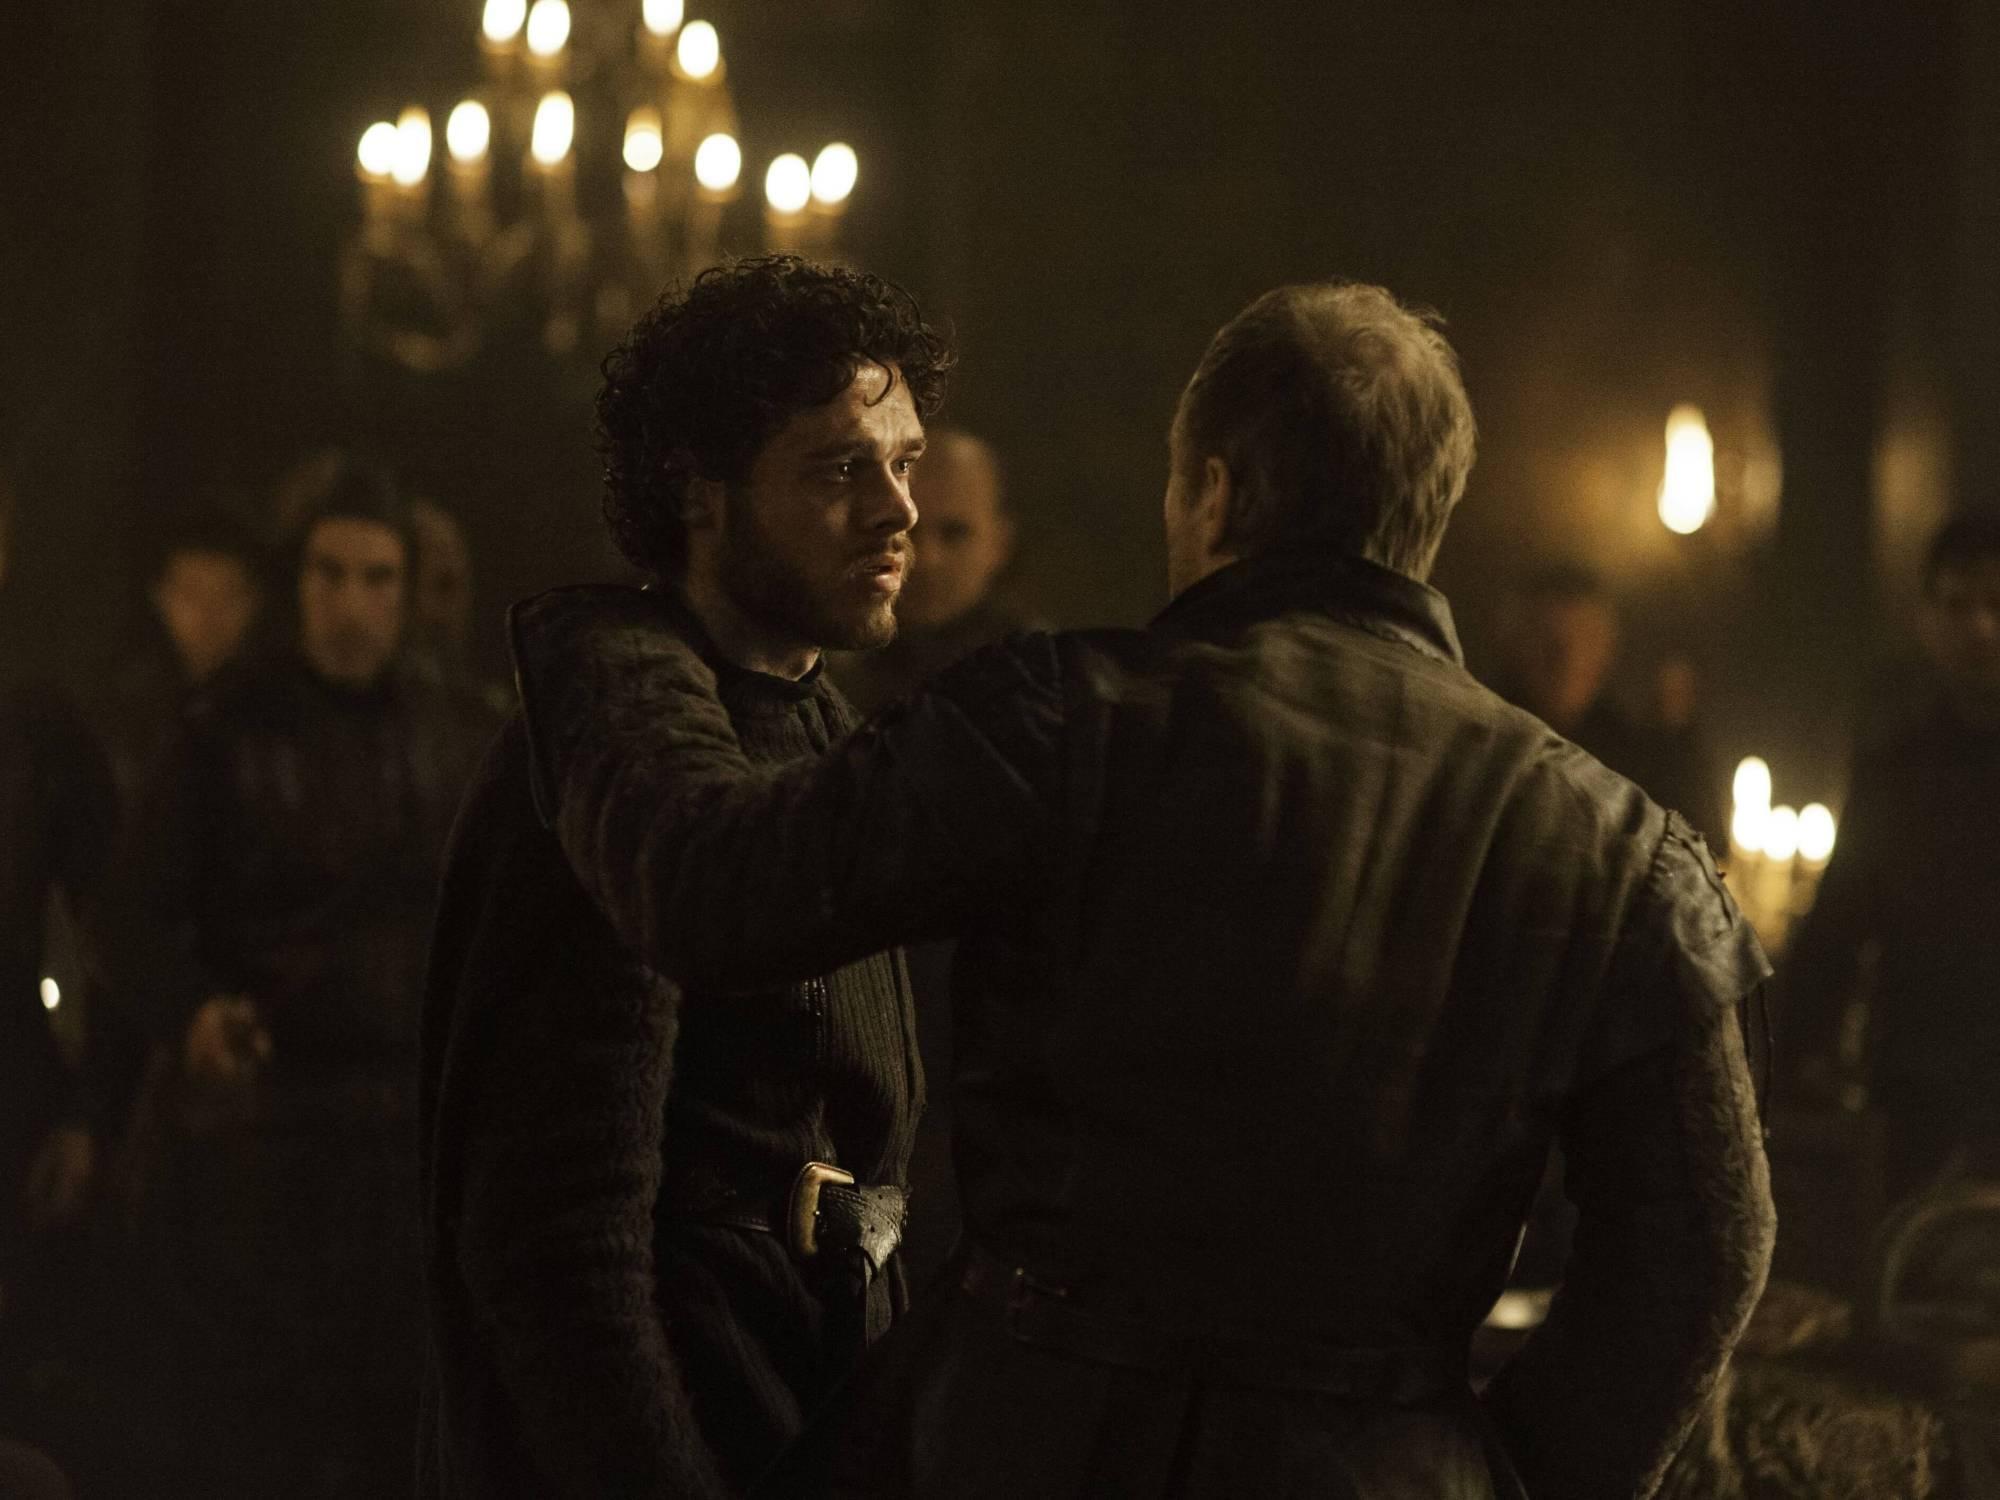 Casamento Vermelho Game of Thrones